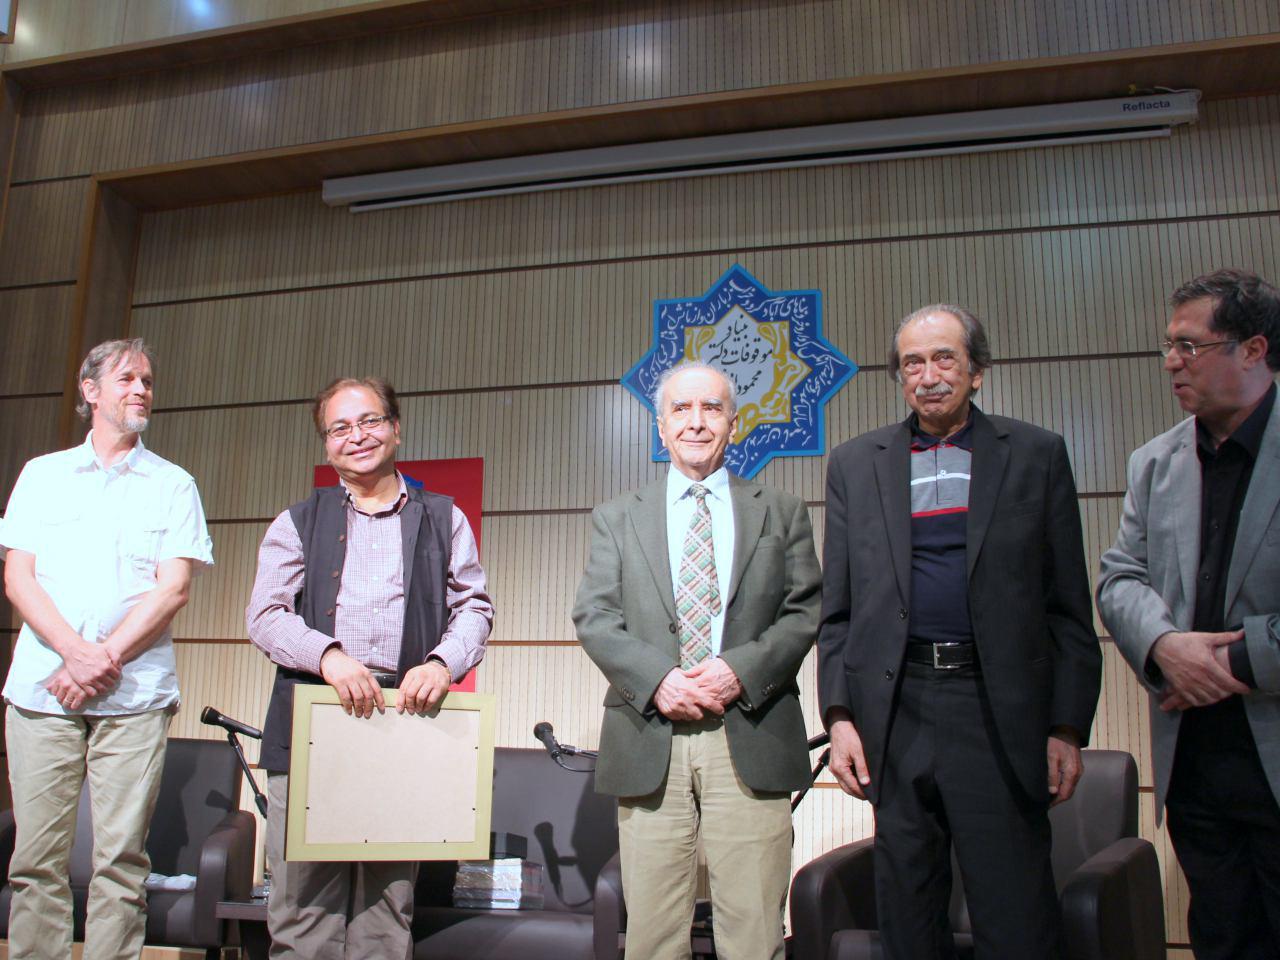 محمدمحمدعلی، محمد استعلامی، سید اختر حسین و ریچارد فولتز